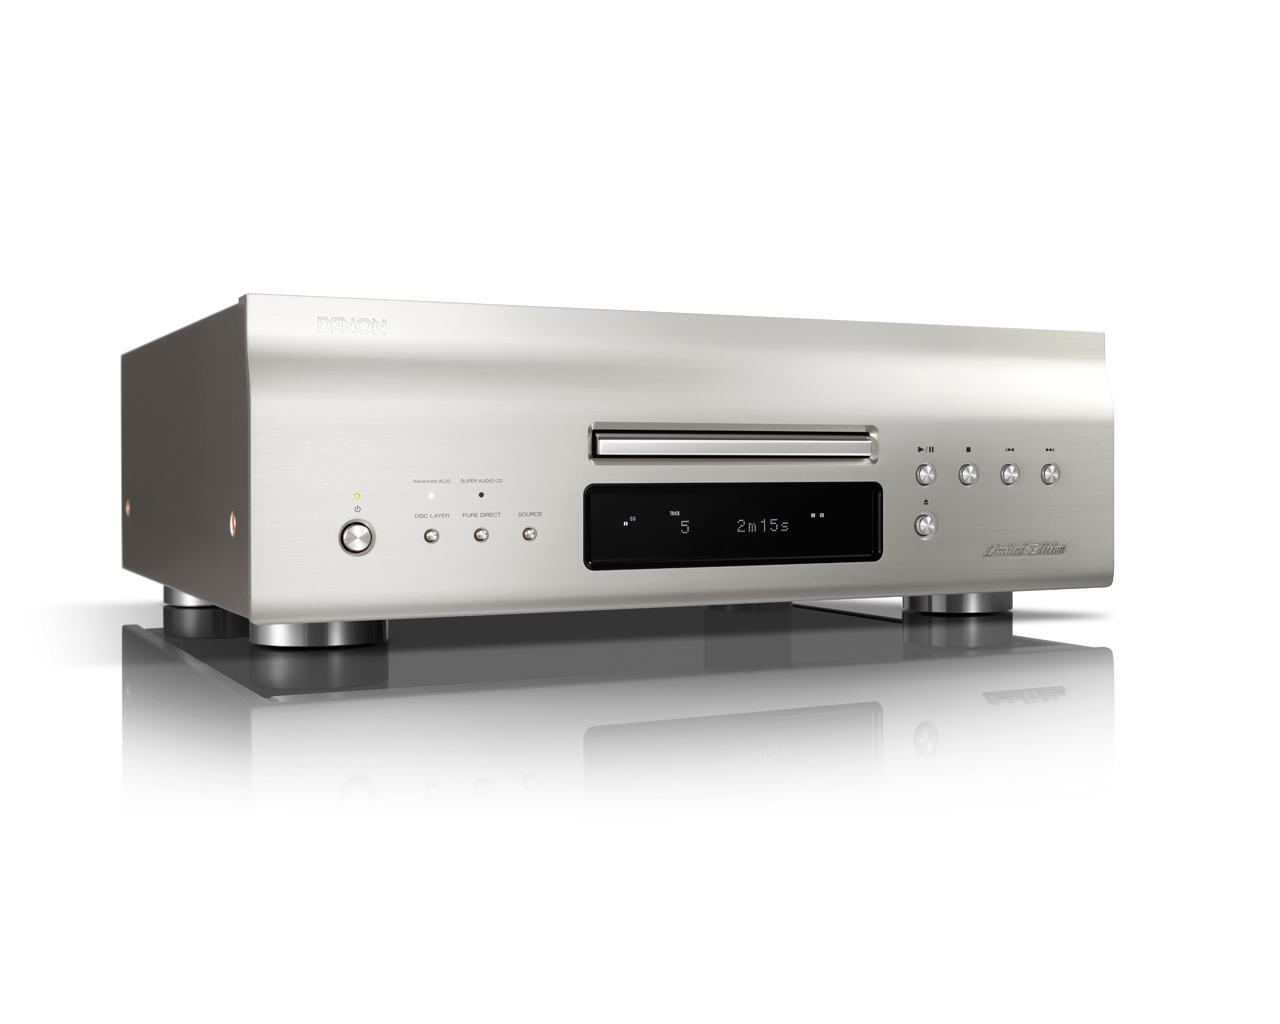 画像: Denon公式   DCD-SX1 LIMITEDの仕様・特長   スーパーオーディオCDプレーヤー